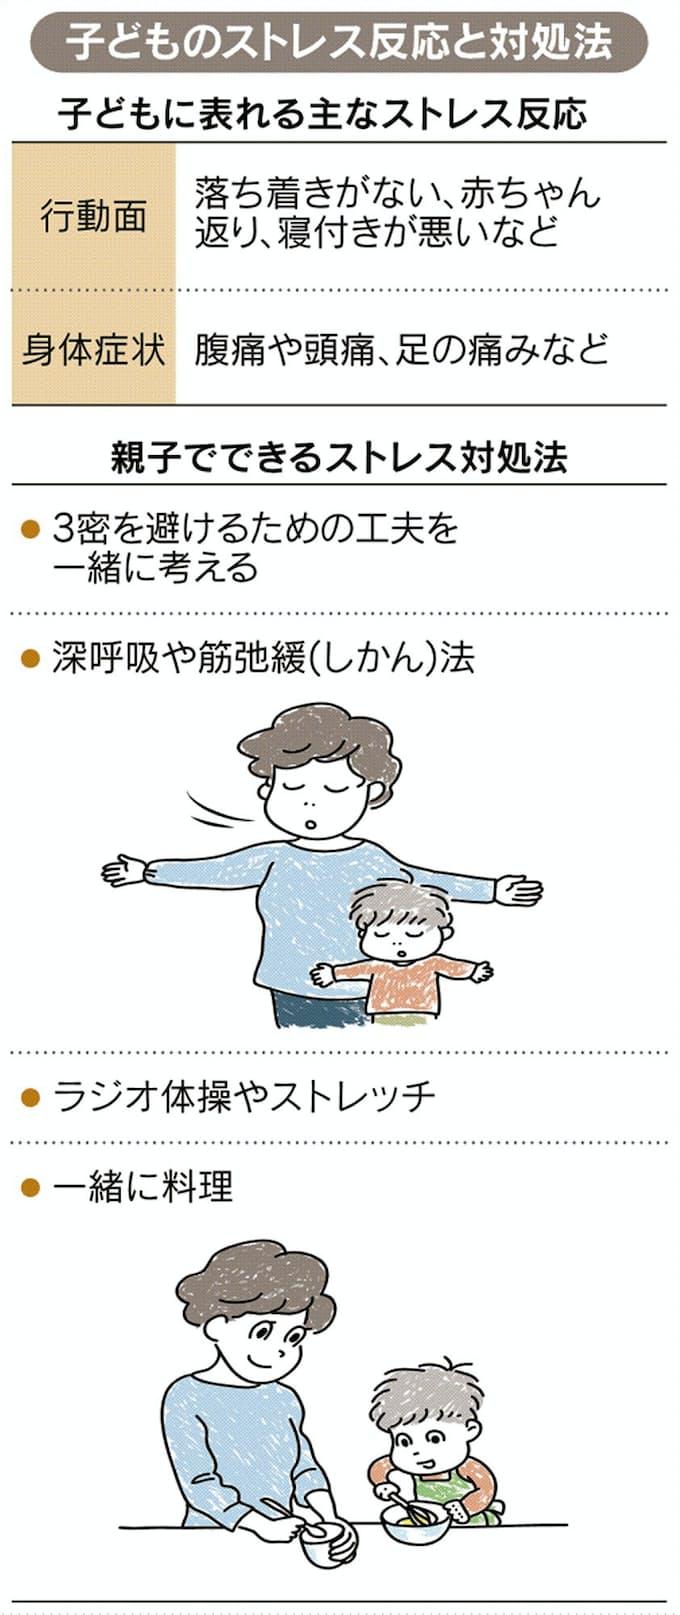 コロナ 初期 症状 腹痛